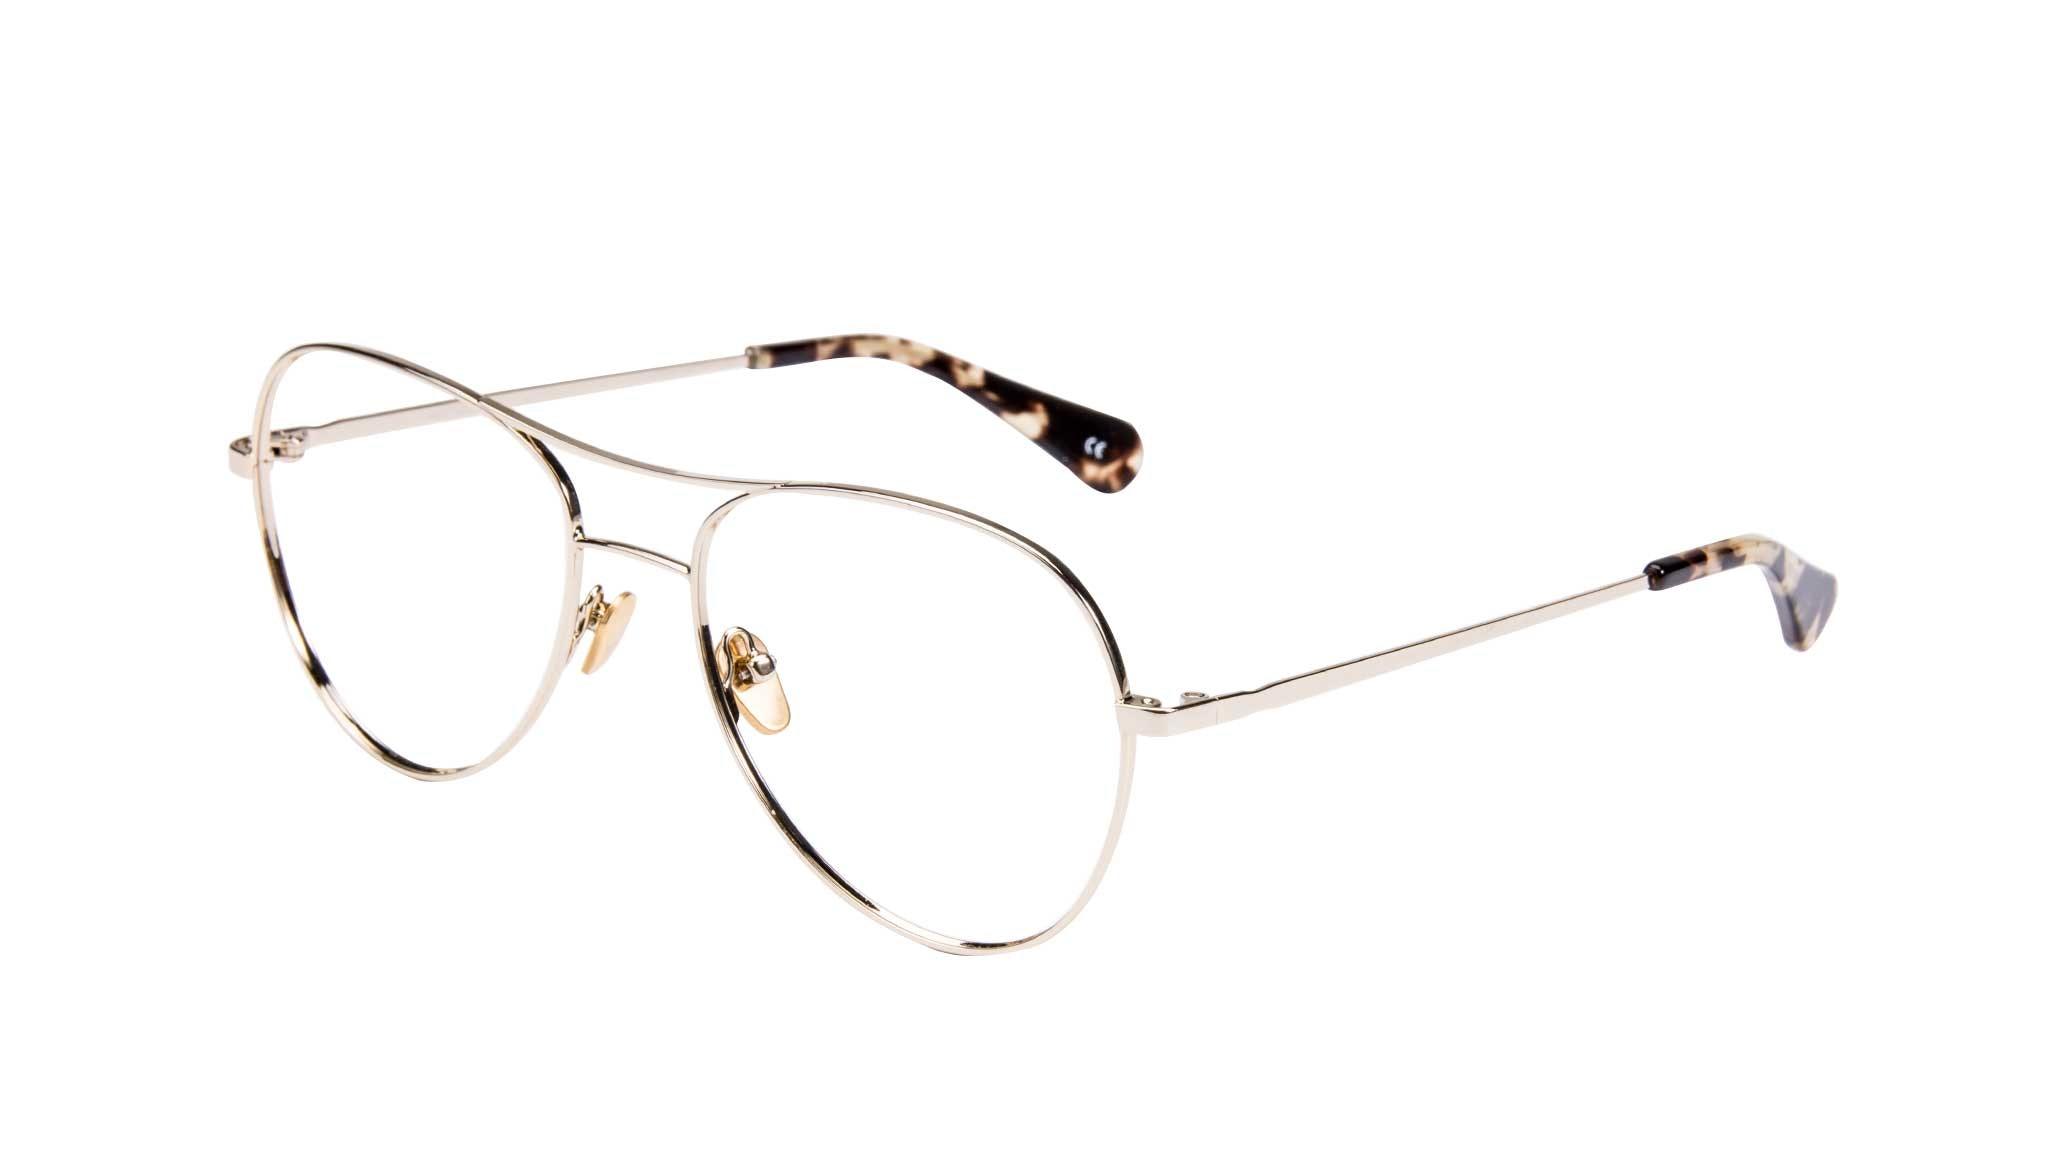 Affordable Fashion Glasses Aviator Eyeglasses Women Want Gold Tilt